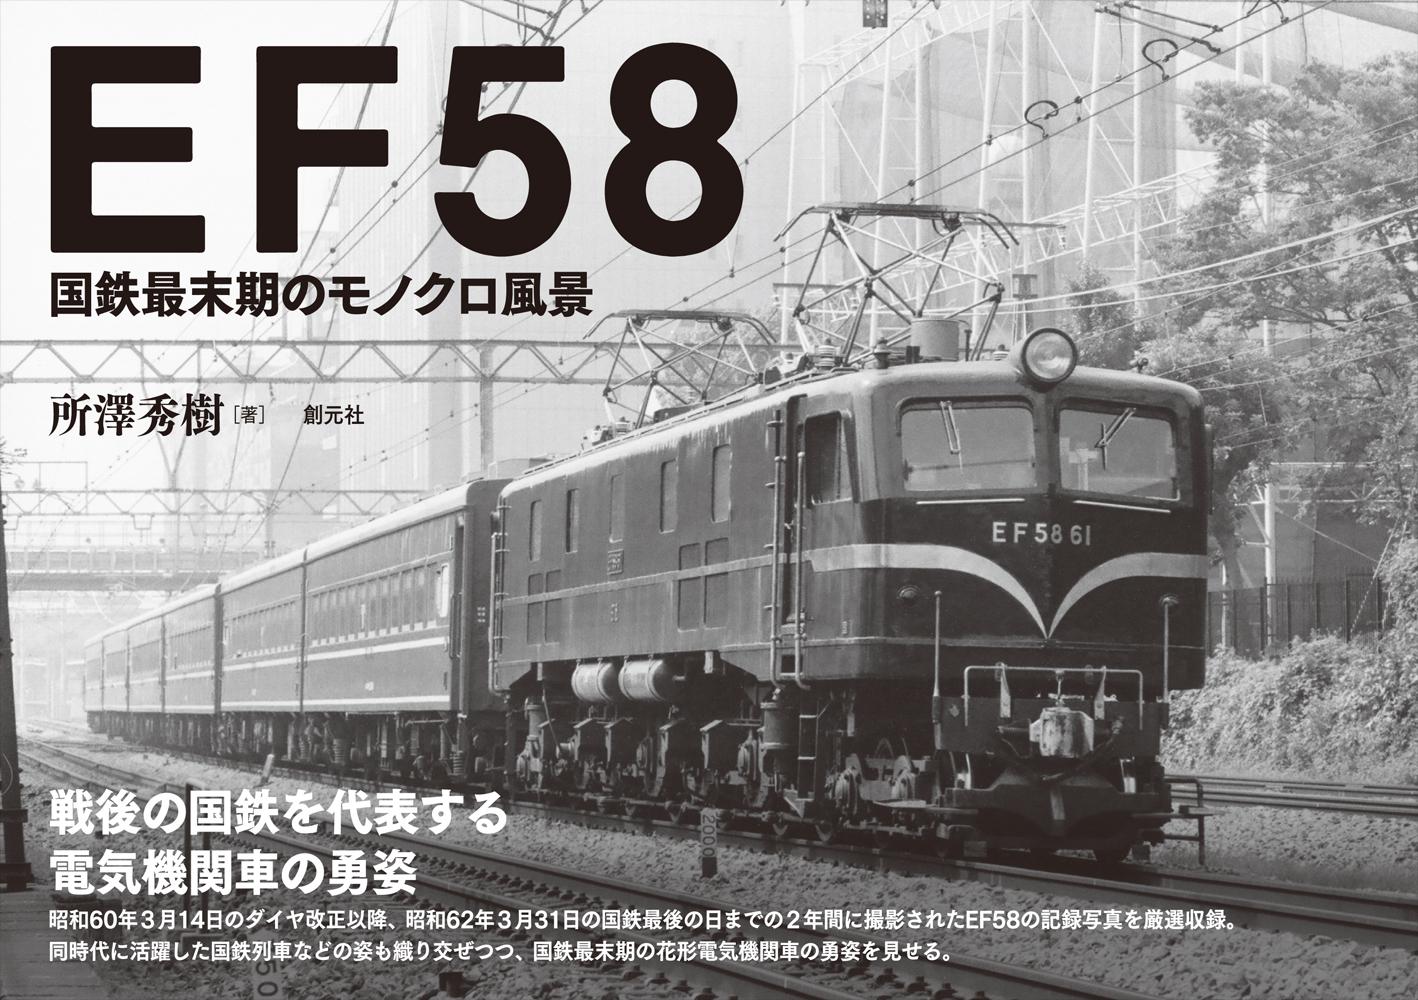 商品詳細 - EF58 国鉄最末期のモノクロ風景 - 創元社